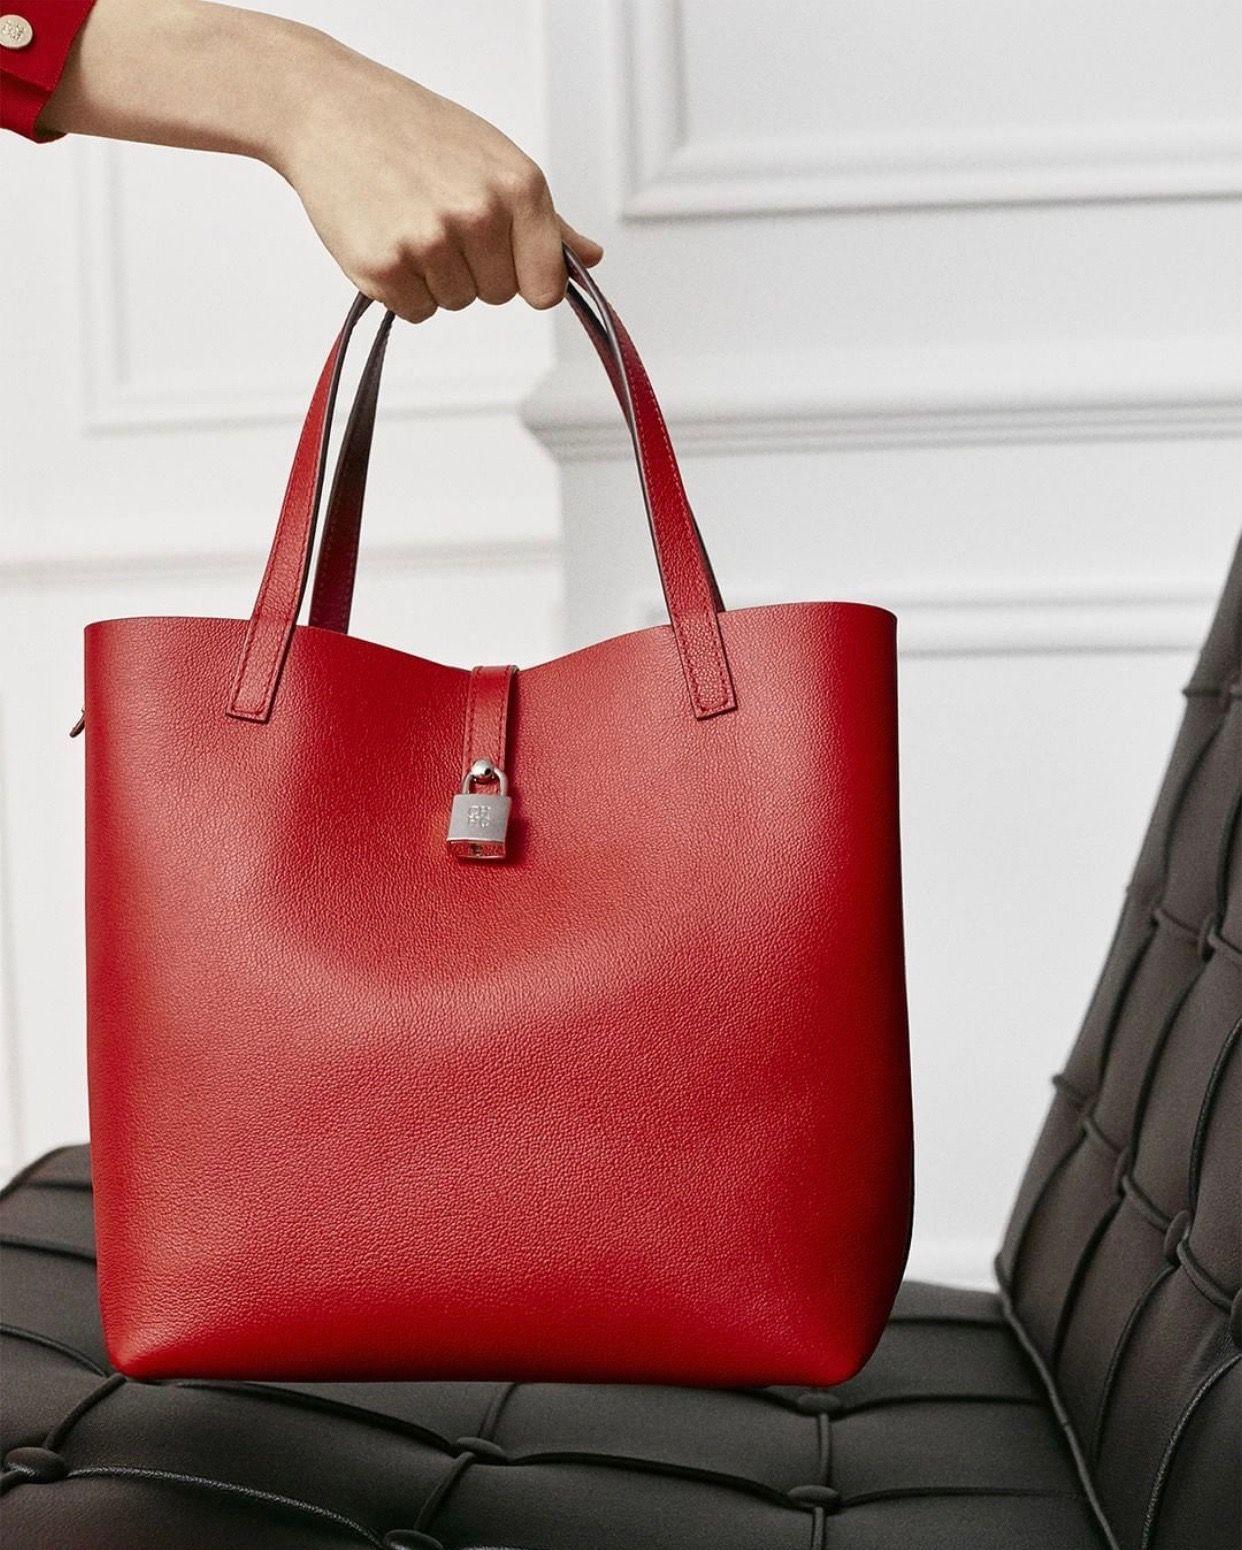 9e1e68e1b Carolina Herrera Bag #bag #bolso #fashion #vanessacrestto #style ...